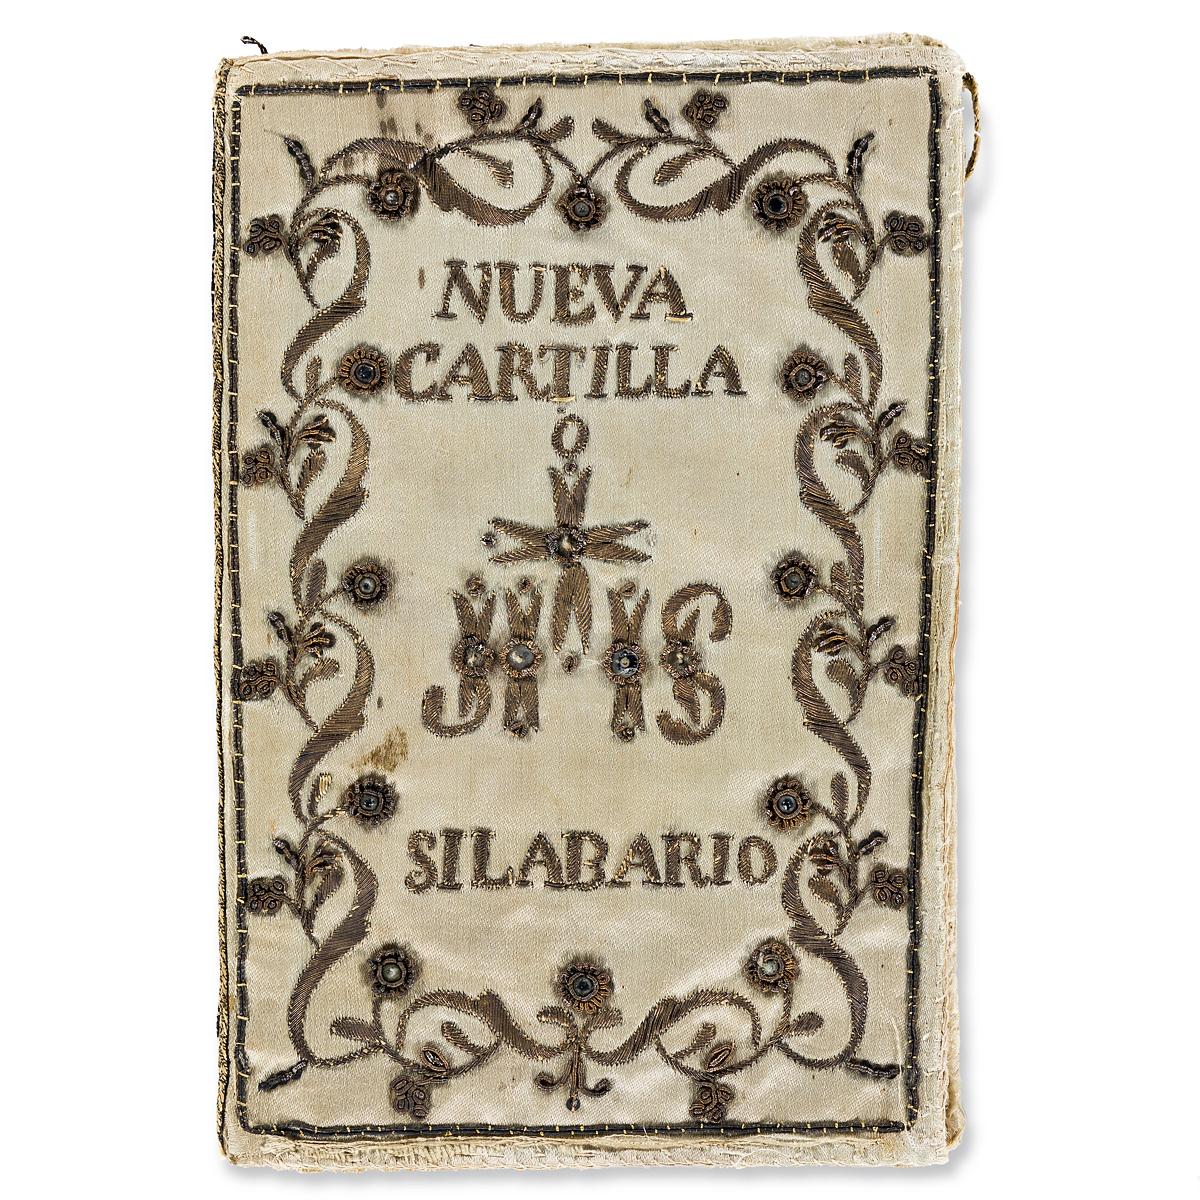 (MEXICO.) Nueva cartilla ó silabario para uso de las escuelas de primeras letras.